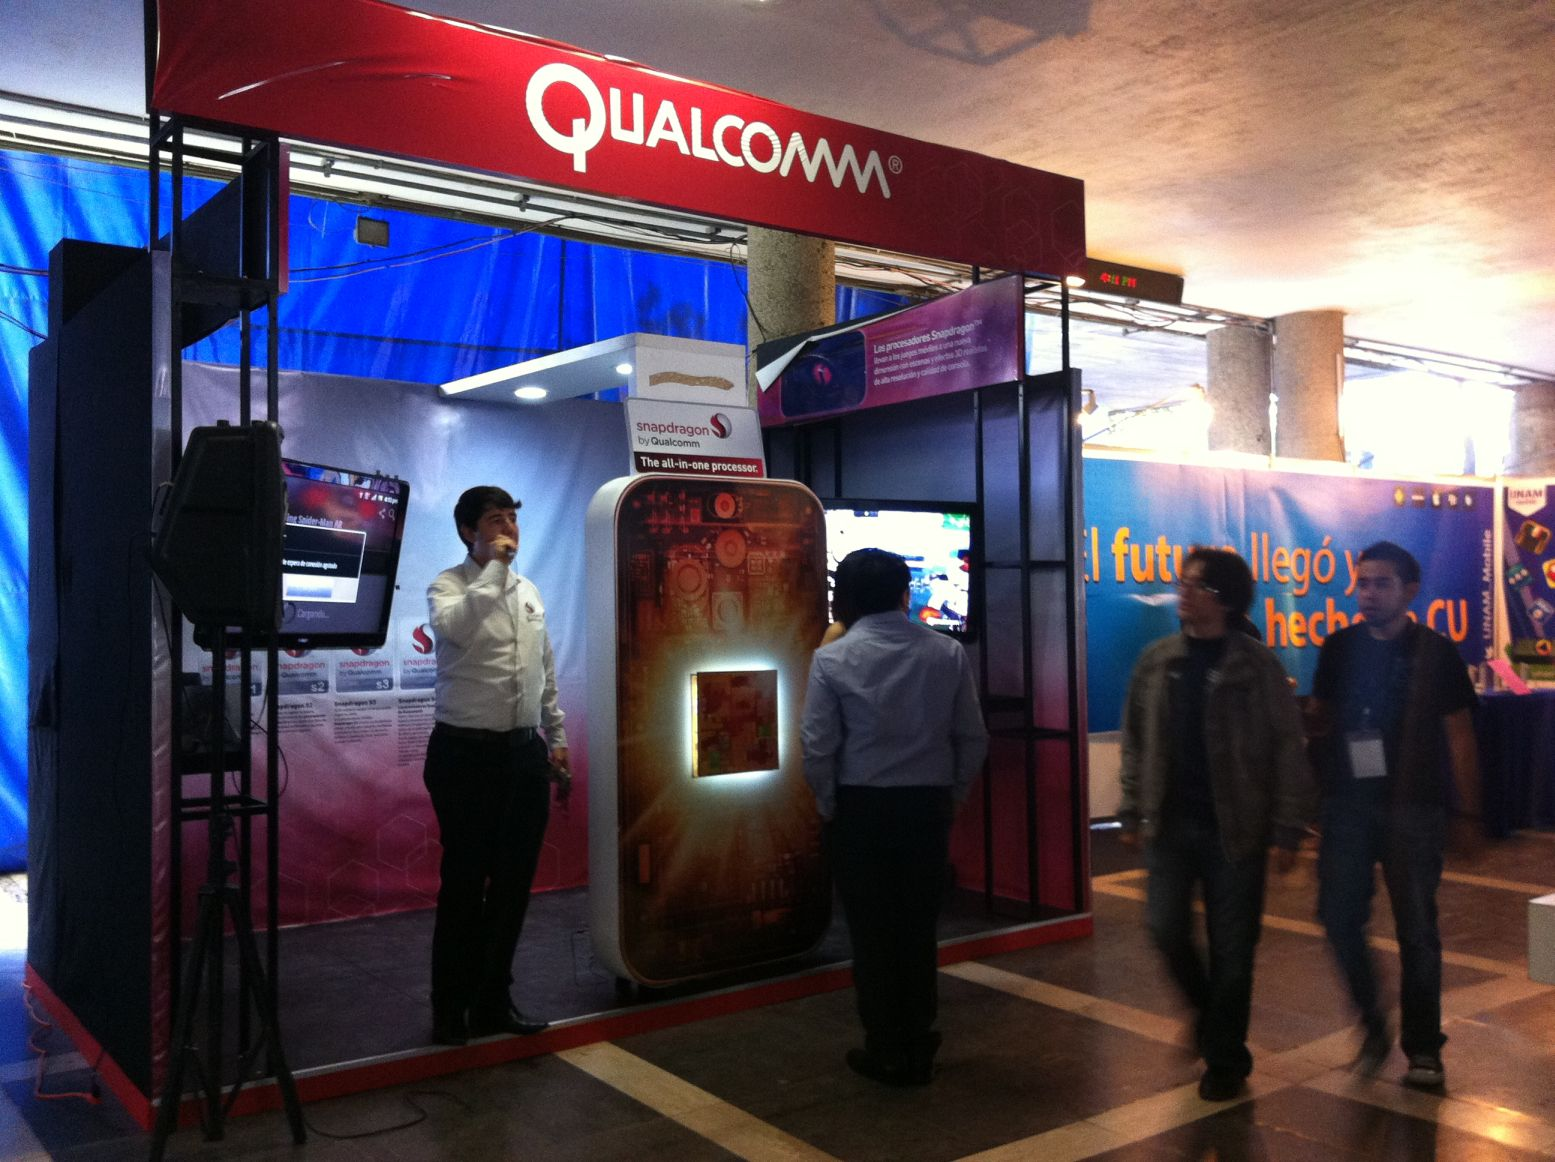 Qualcomm_CUM 2012-1-